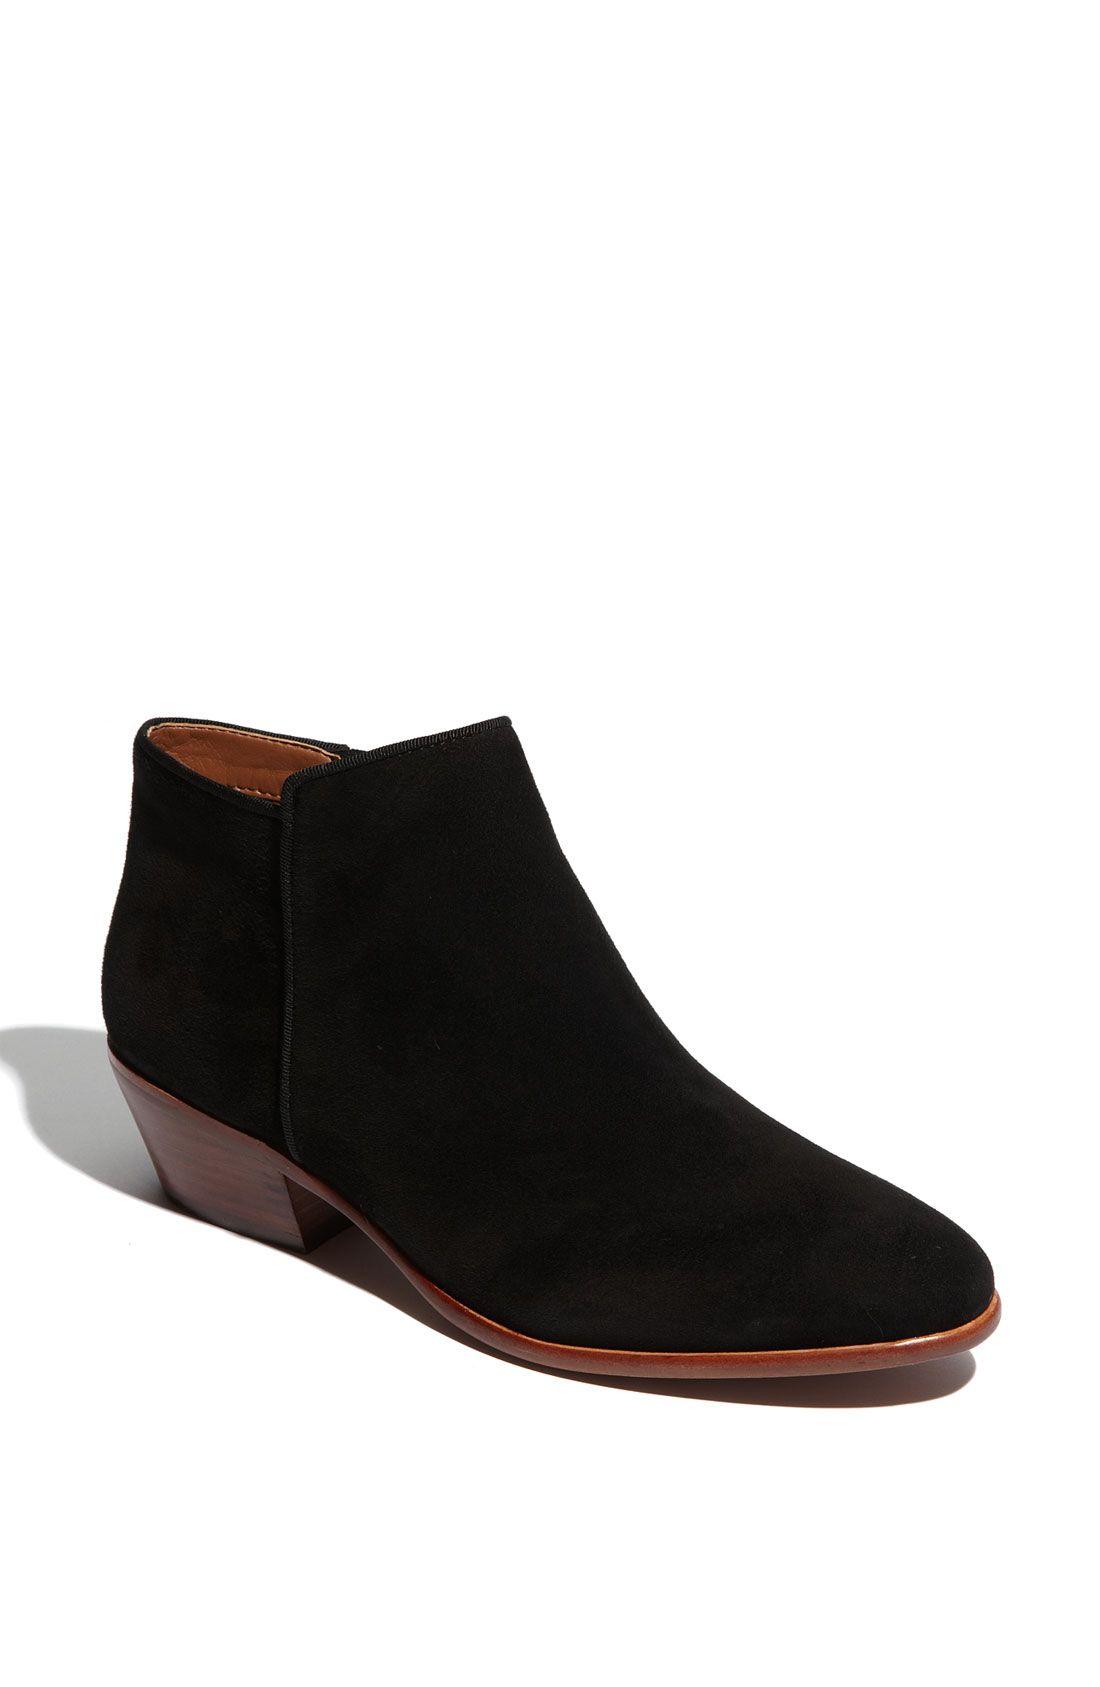 Zapatos negros Sam Edelman Petty para mujer DvMc8DE